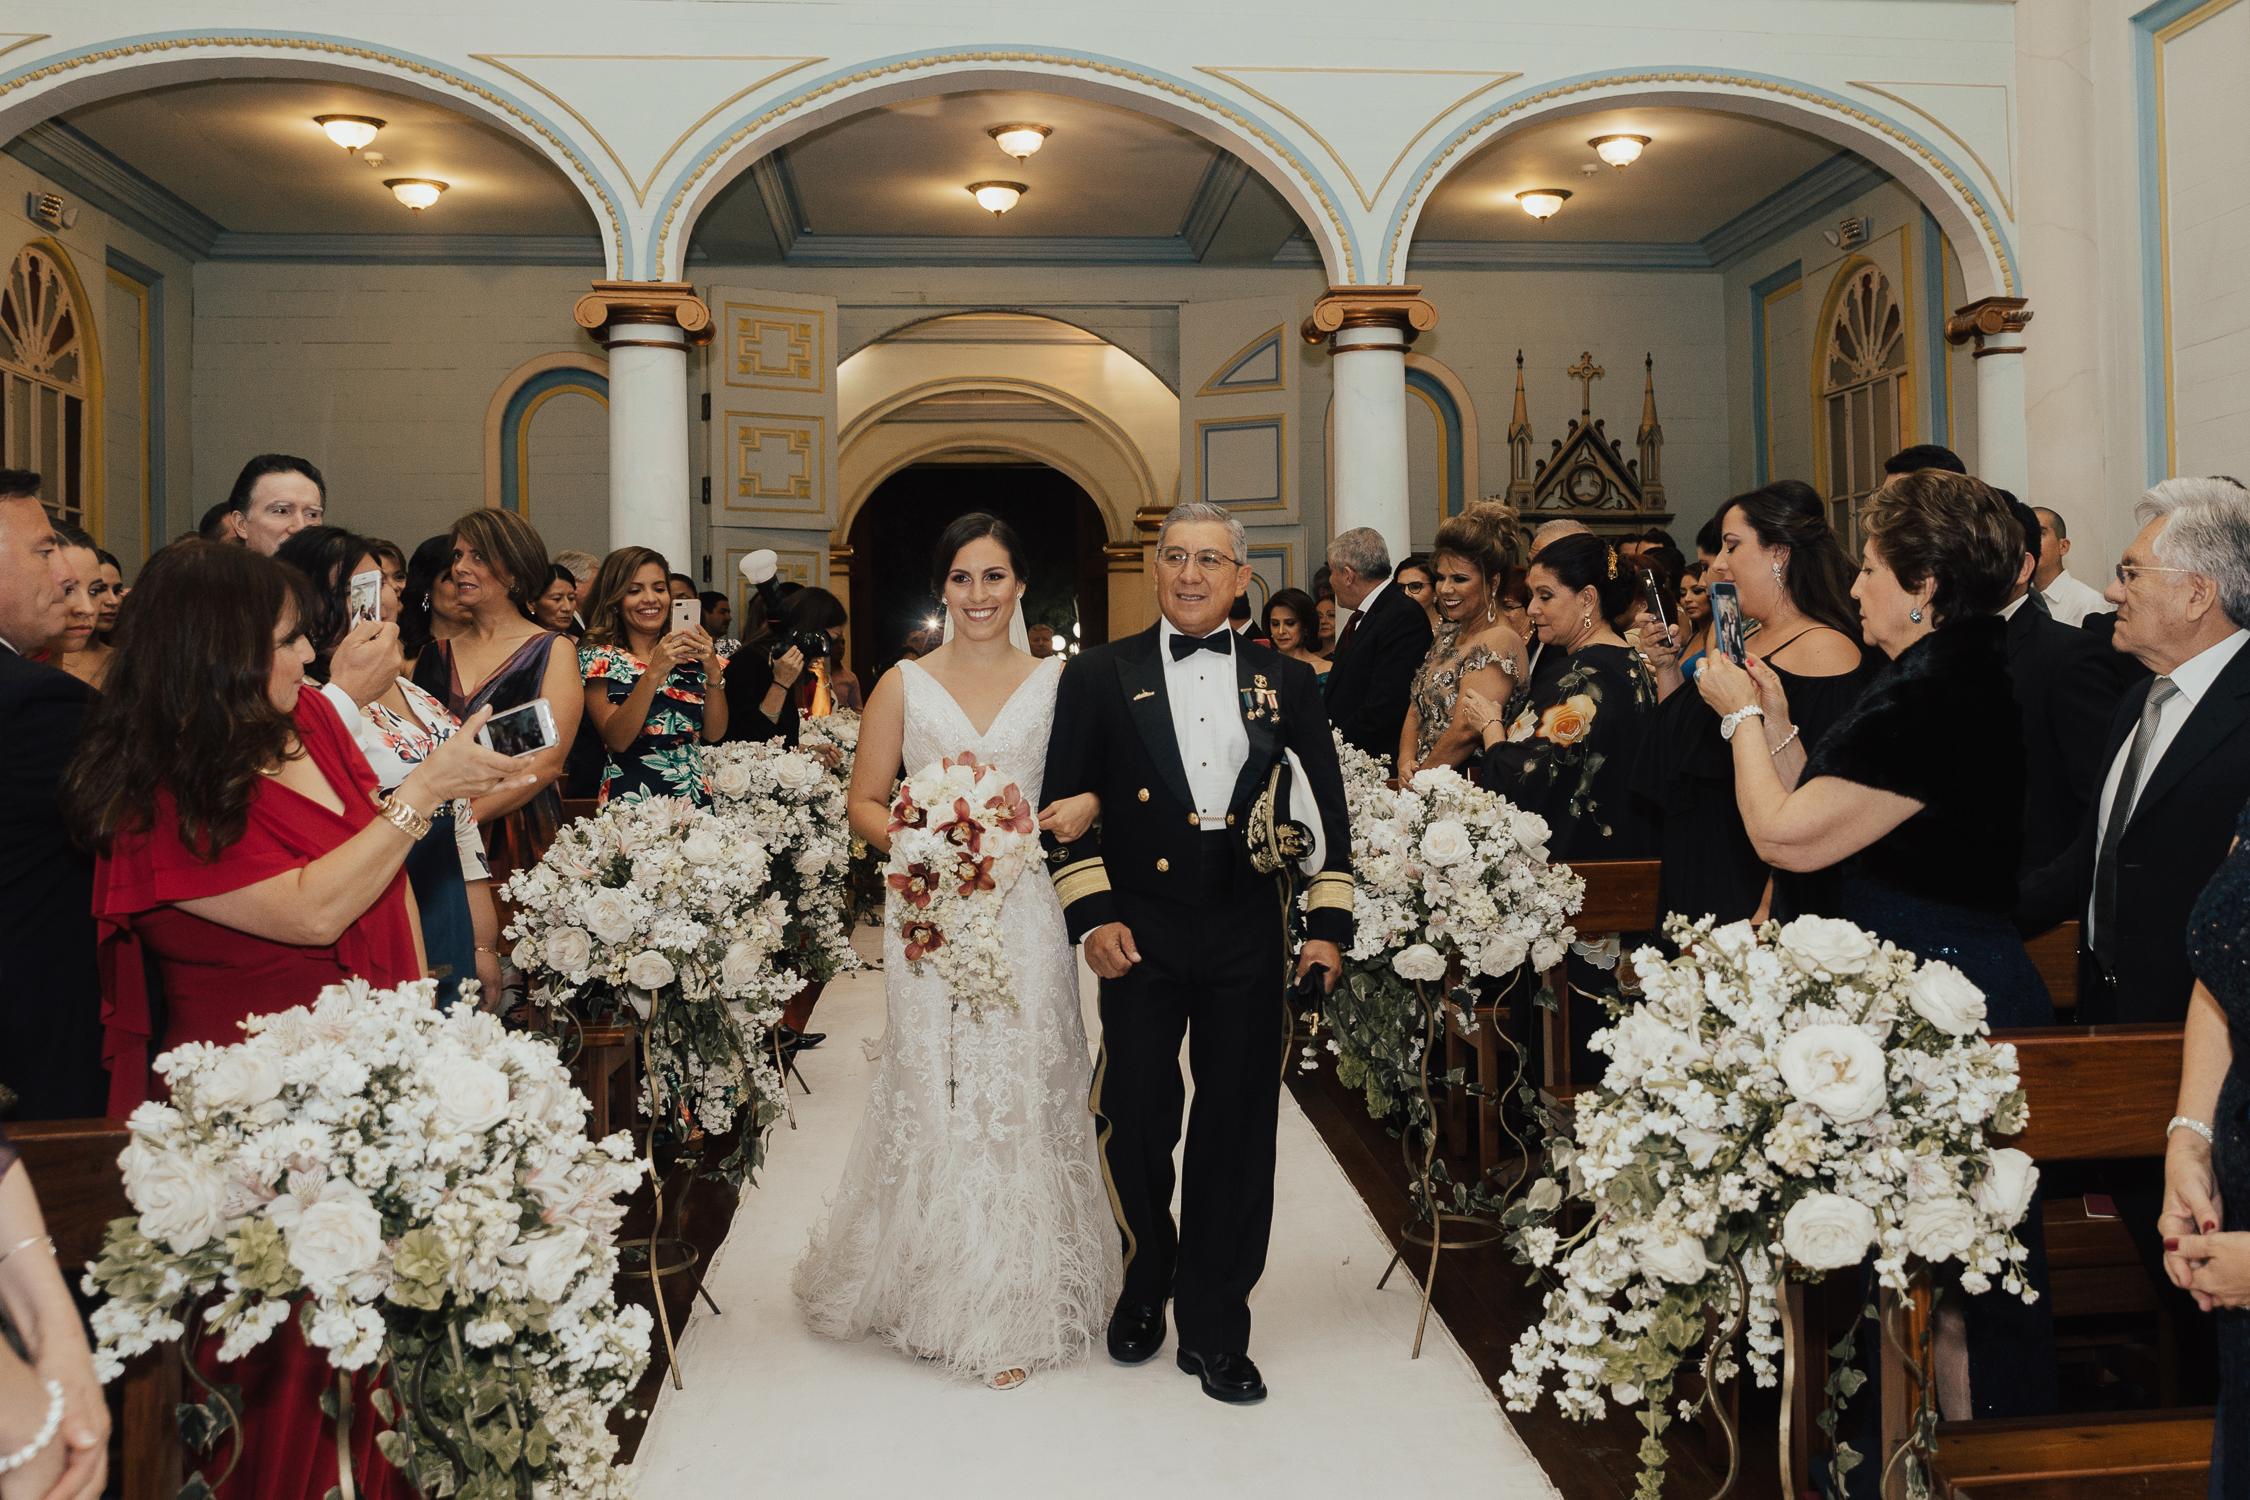 Michelle-Agurto-Fotografia-Bodas-Ecuador-Destination-Wedding-Photographer-Ecuador-Mercedes-Alvaro-54.JPG